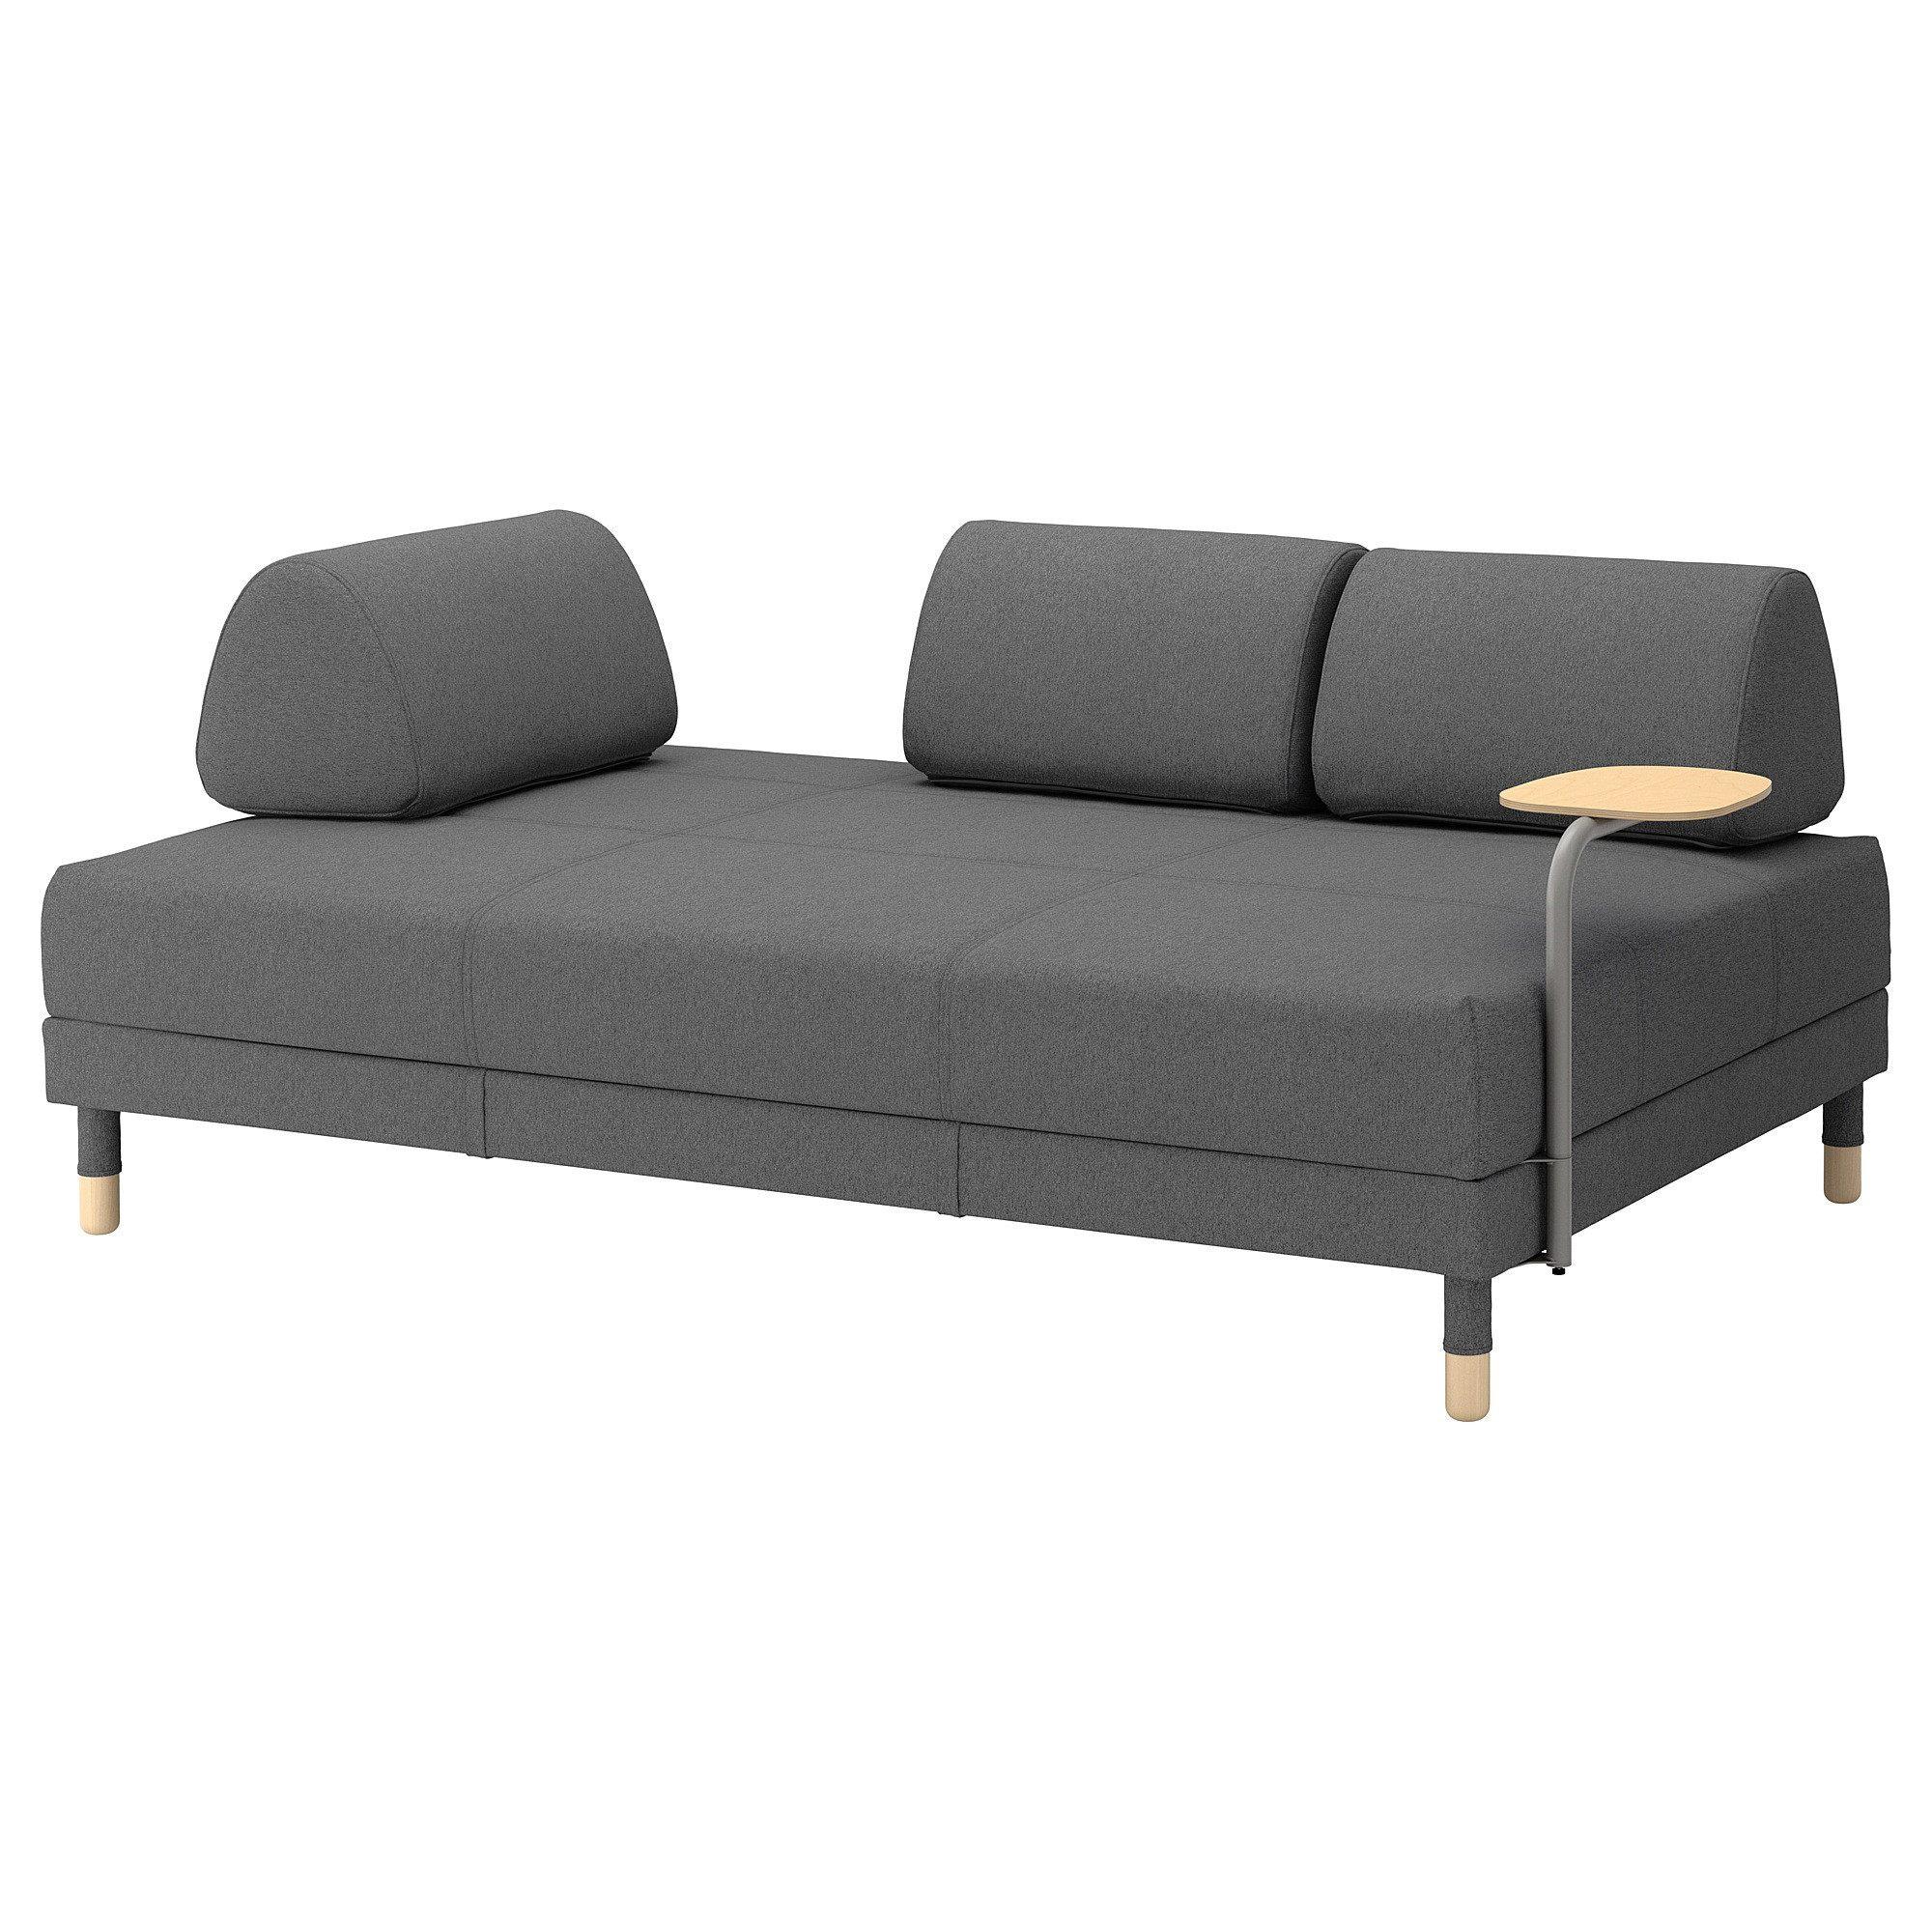 Lit Superposé 2 Personnes Génial Avenant Canapé Lit Superposé Et Canapé 15 Places